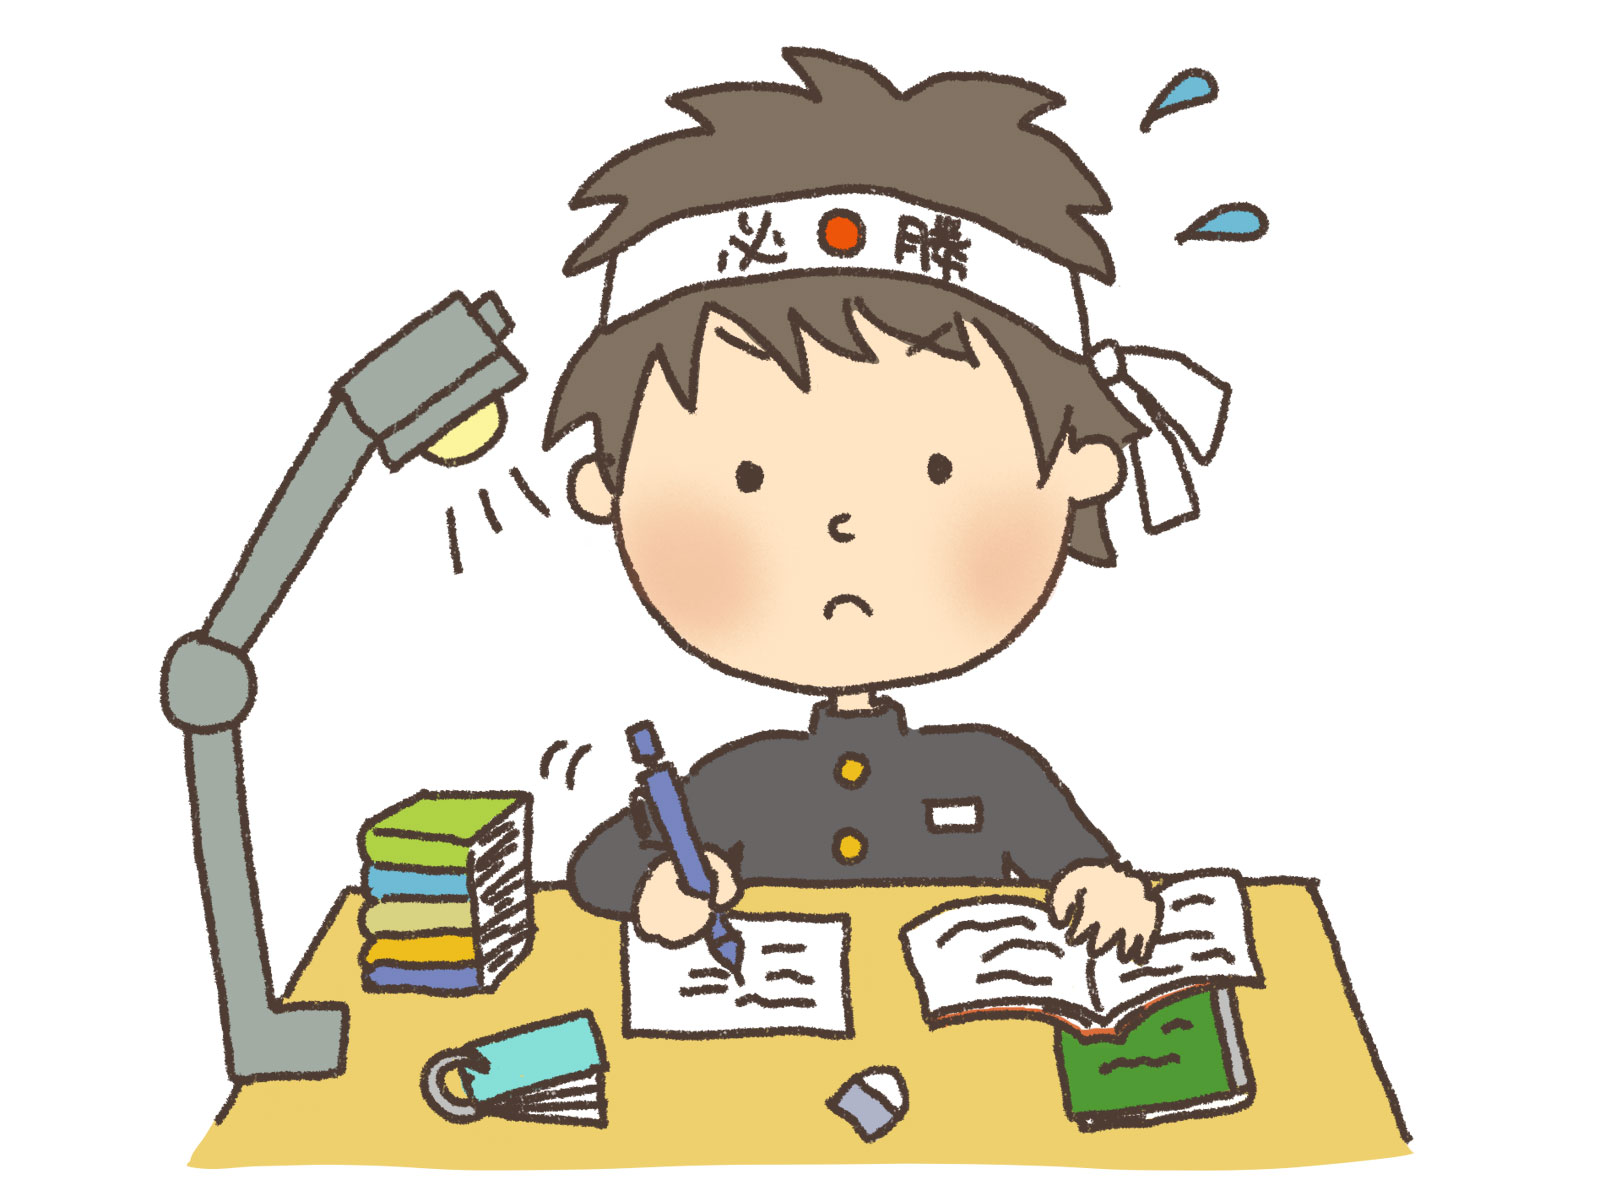 期間工をしながら資格試験や公務員試験の勉強をすることは可能なのか?